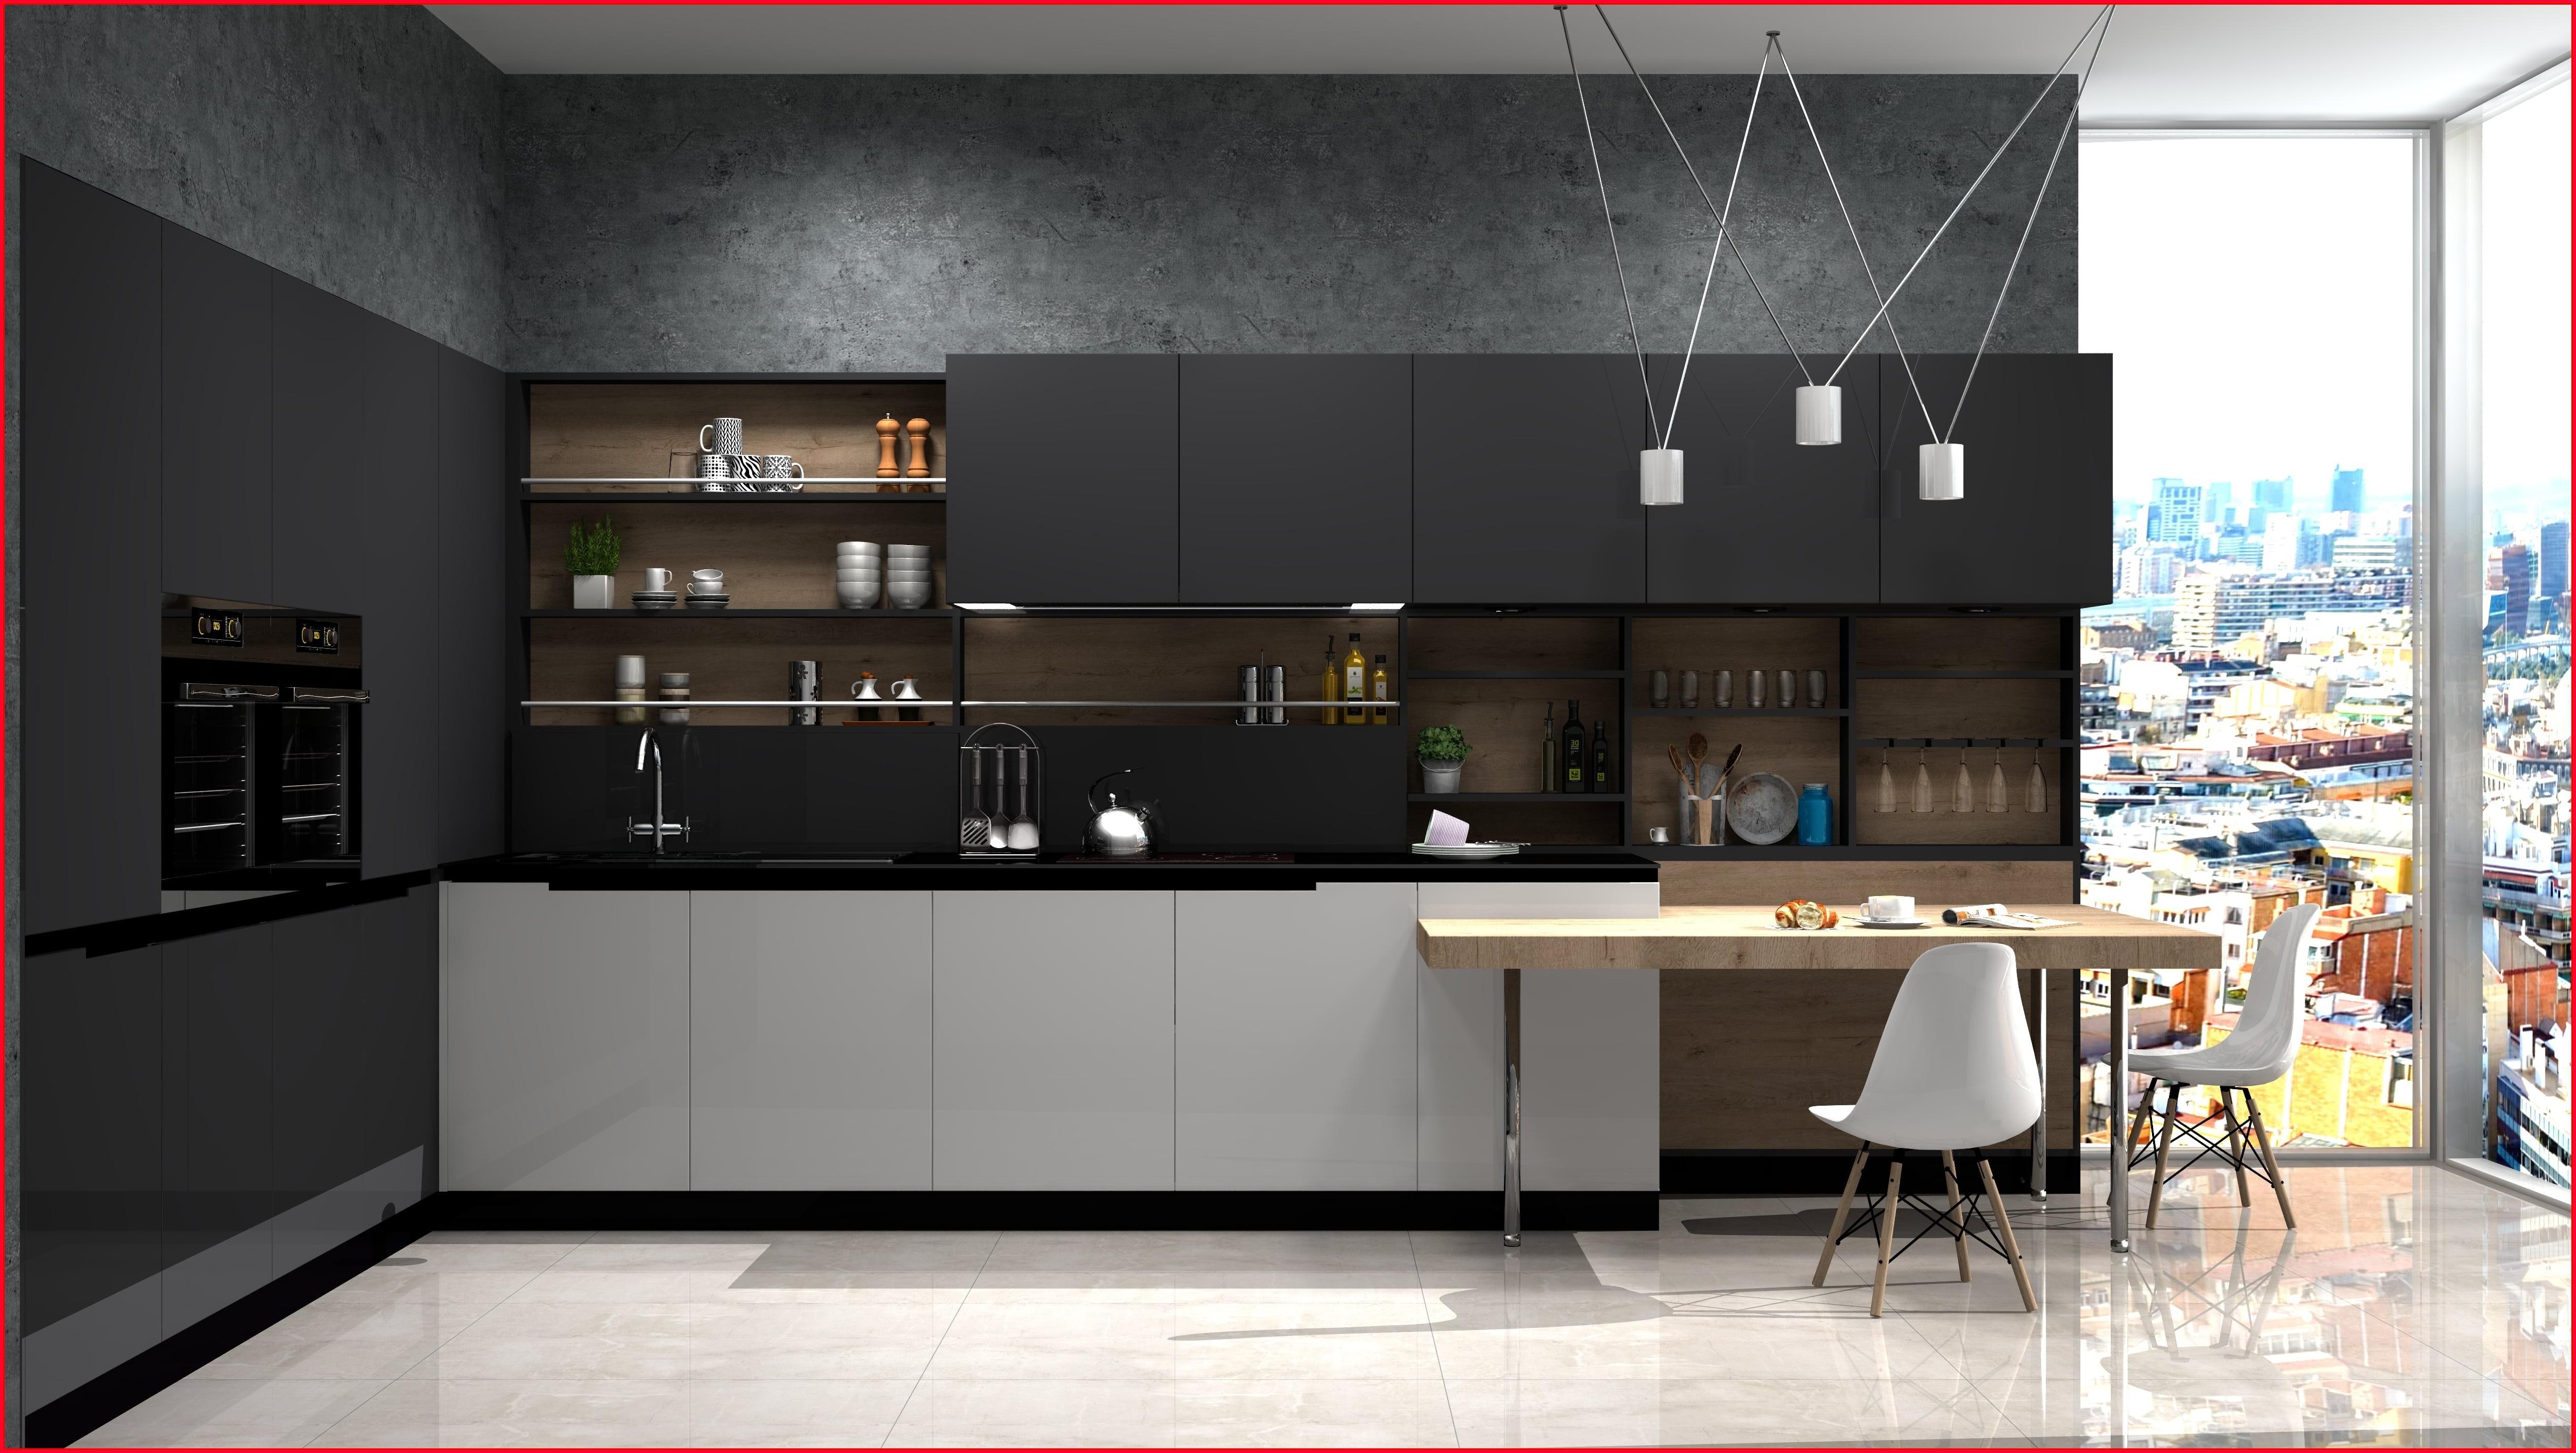 Programa Diseño Muebles 3d Gratis 3id6 Inspirador Diseà O Cocina 3d Imagen De Cocinas Idea Cocinas